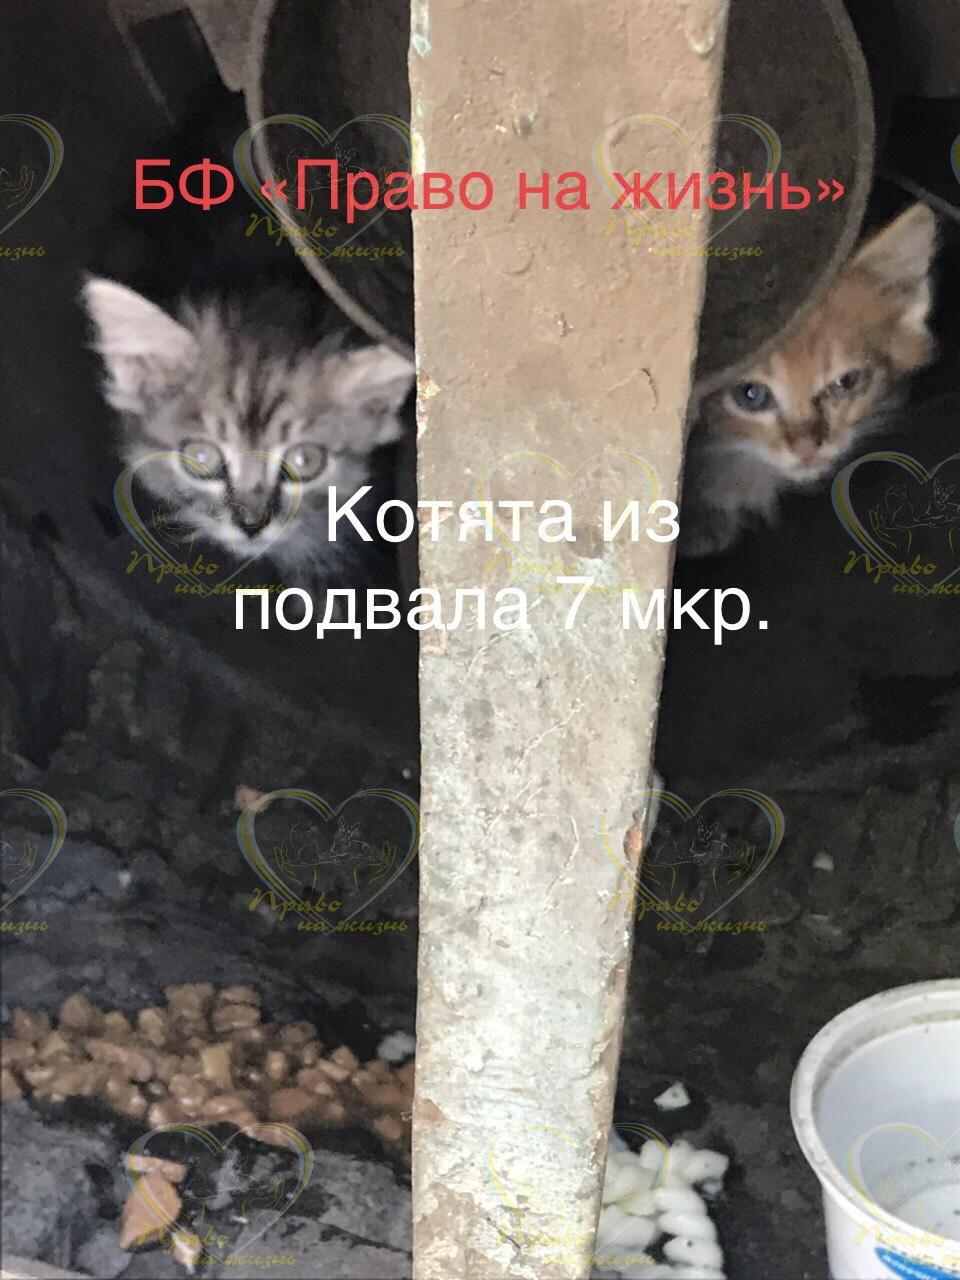 Заставка для - Сбор на котят с 7 микрорайона